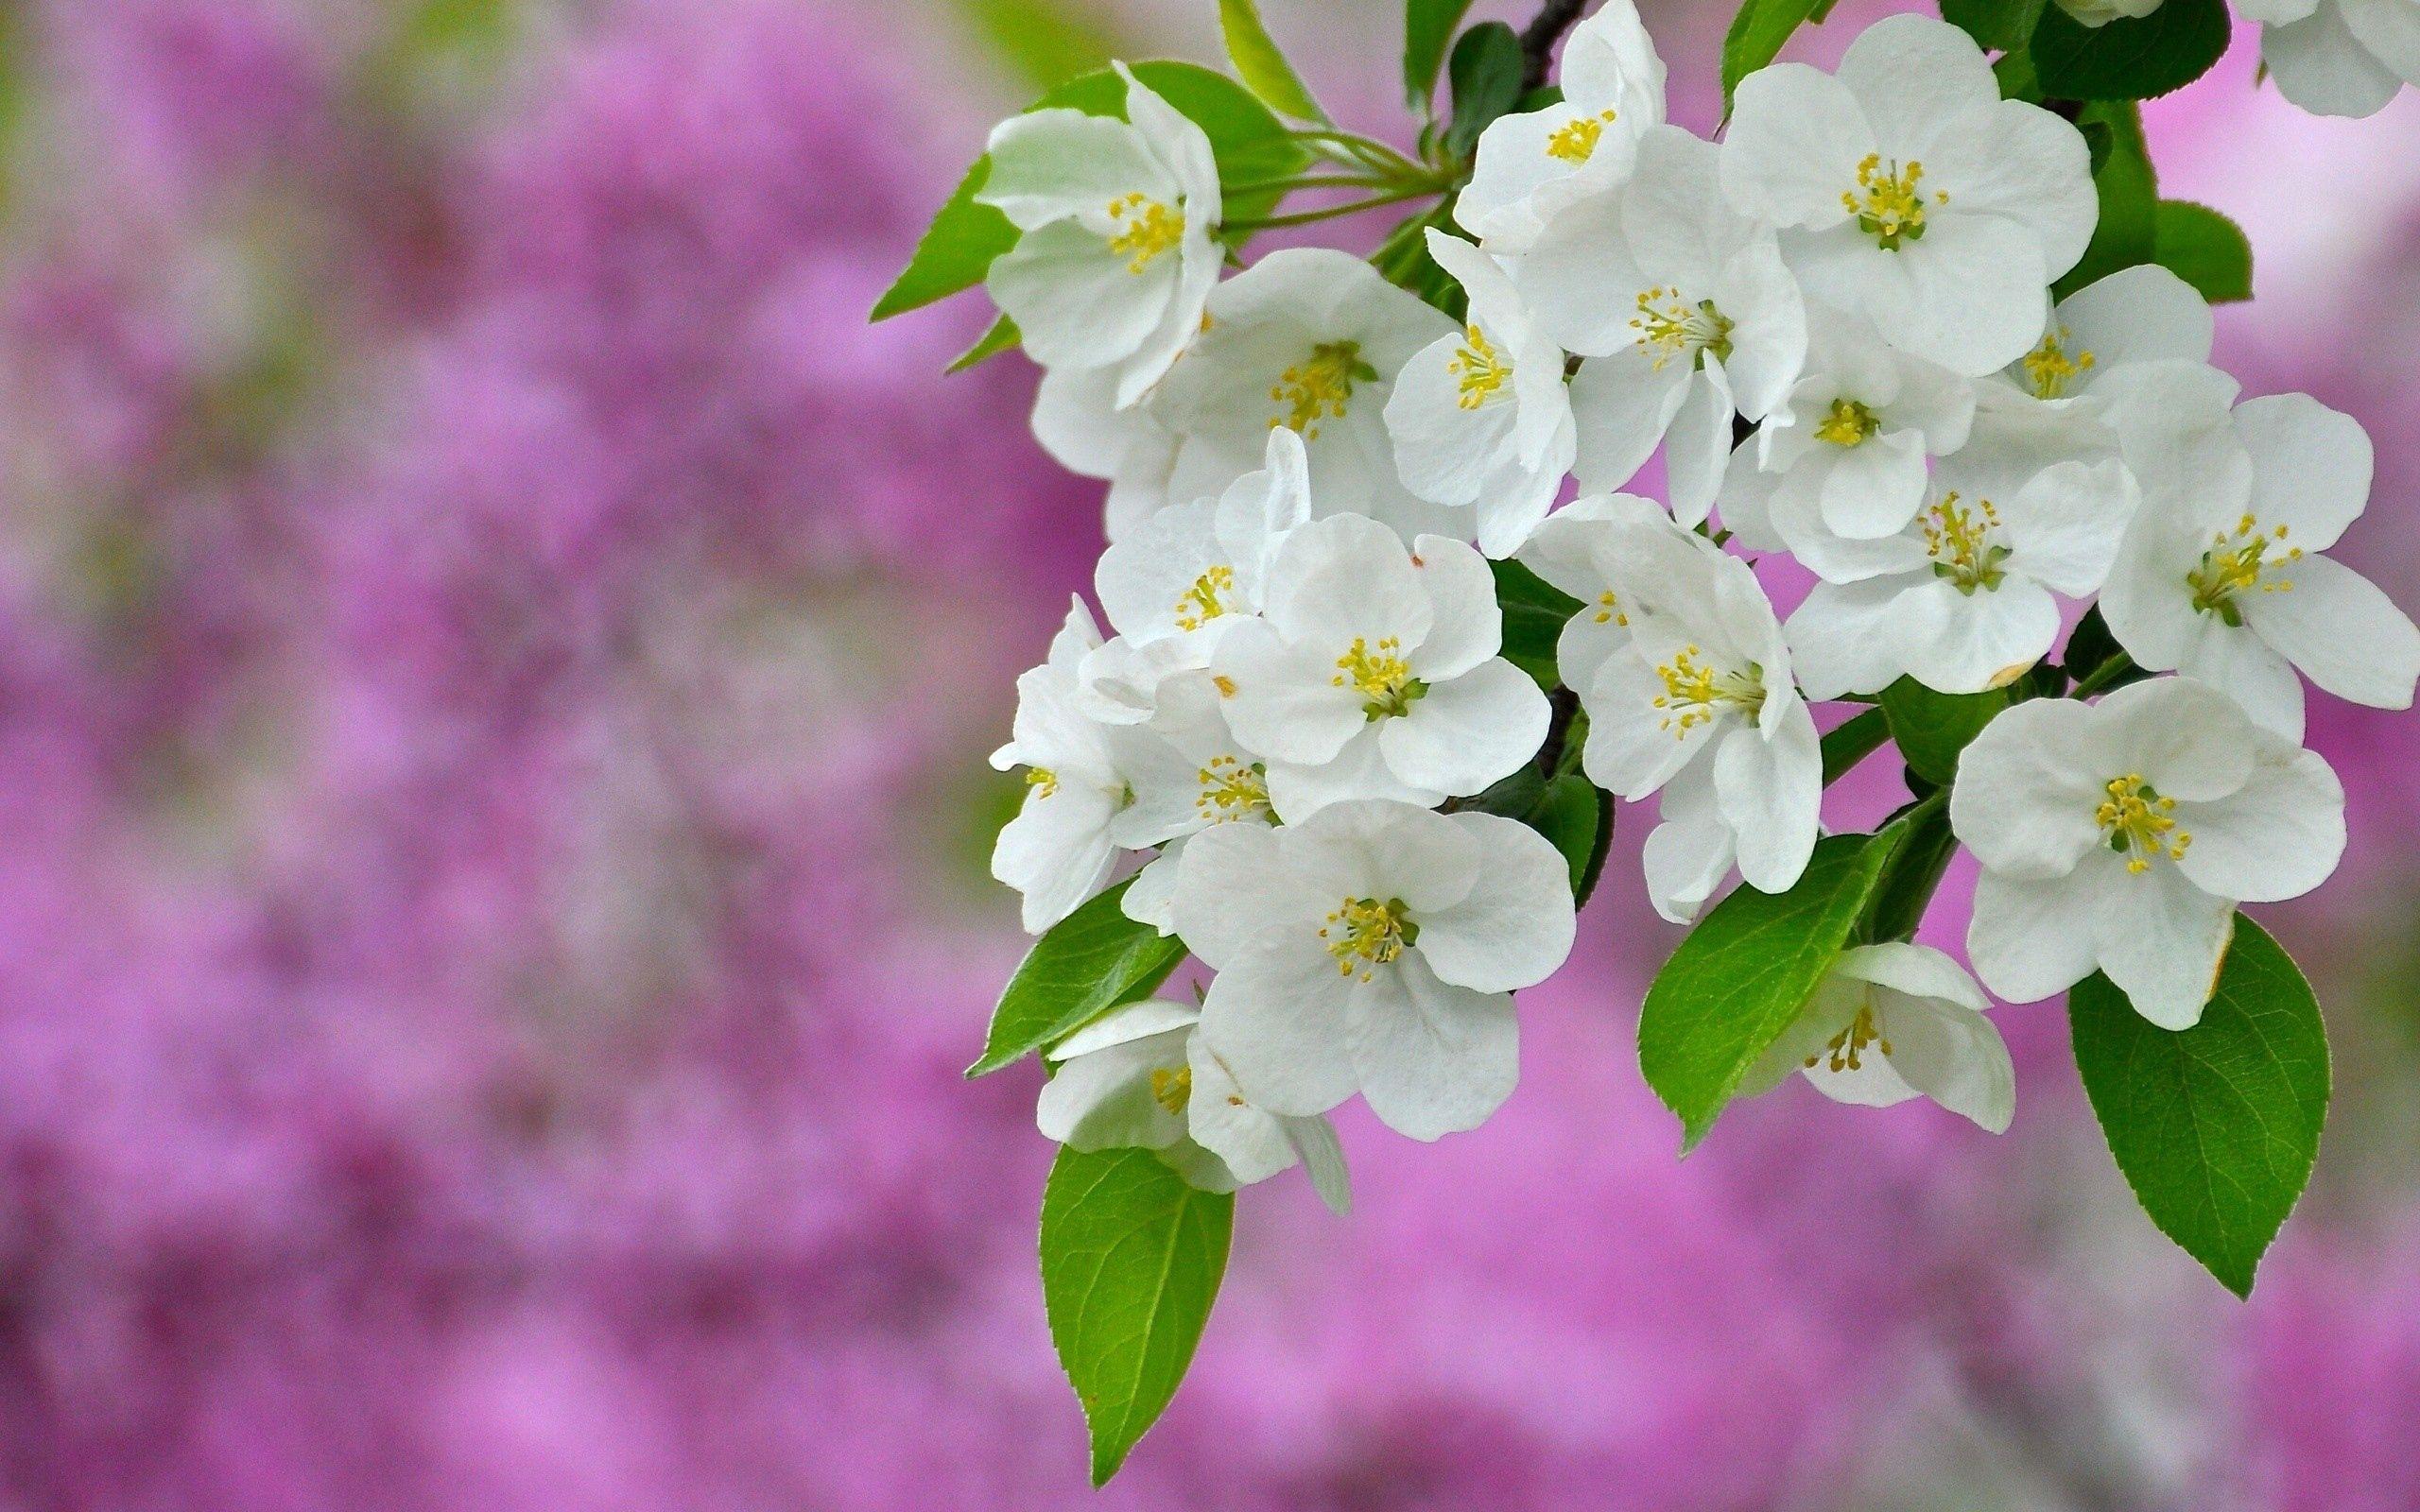 134214 скачать обои Цветы, Растение, Цветение, Макро - заставки и картинки бесплатно